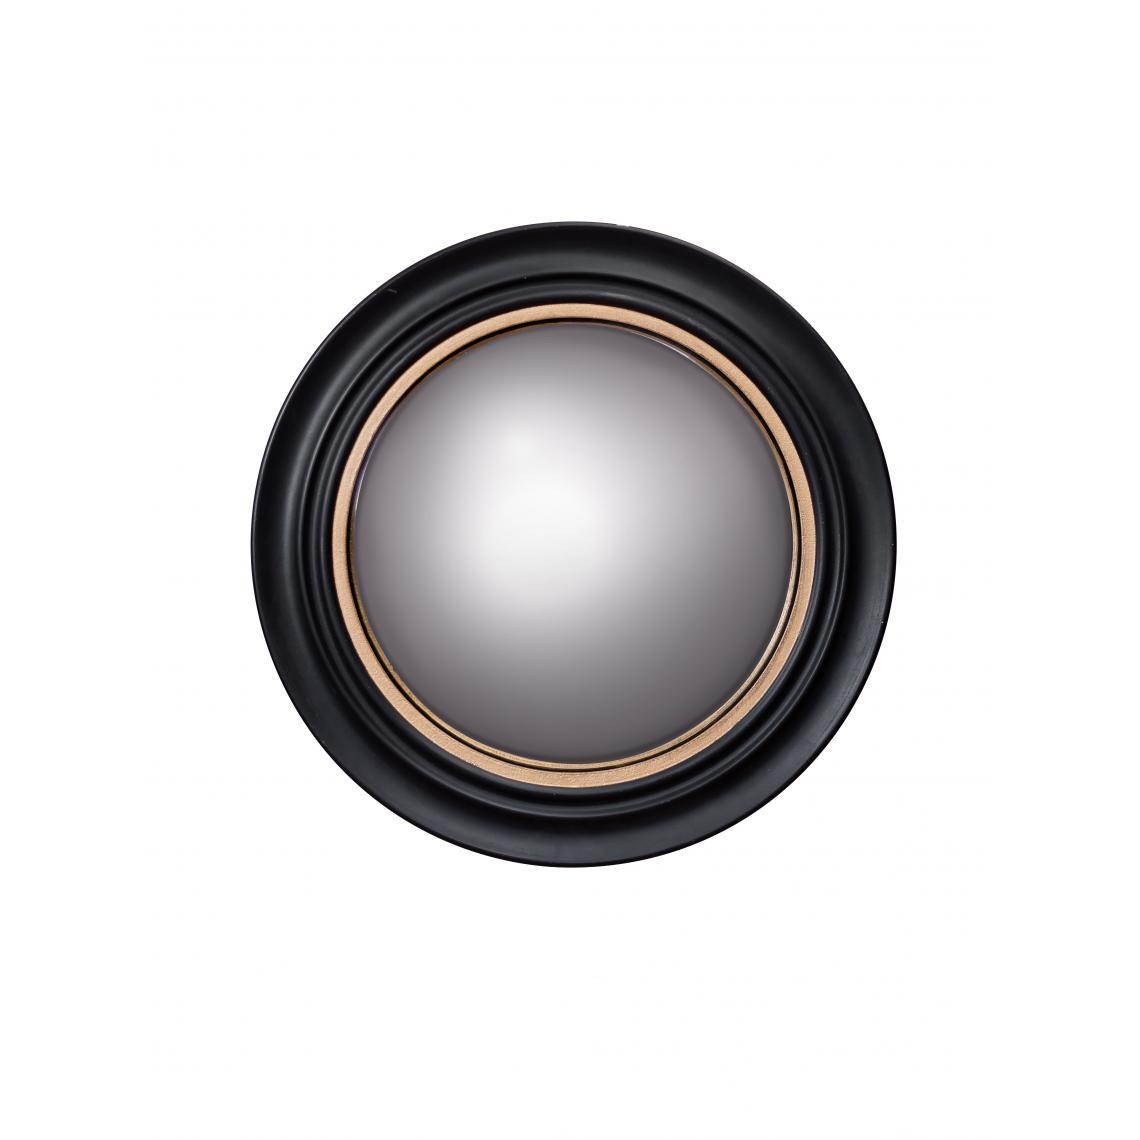 miroir rond en bois noir et dore bonae 43 cm